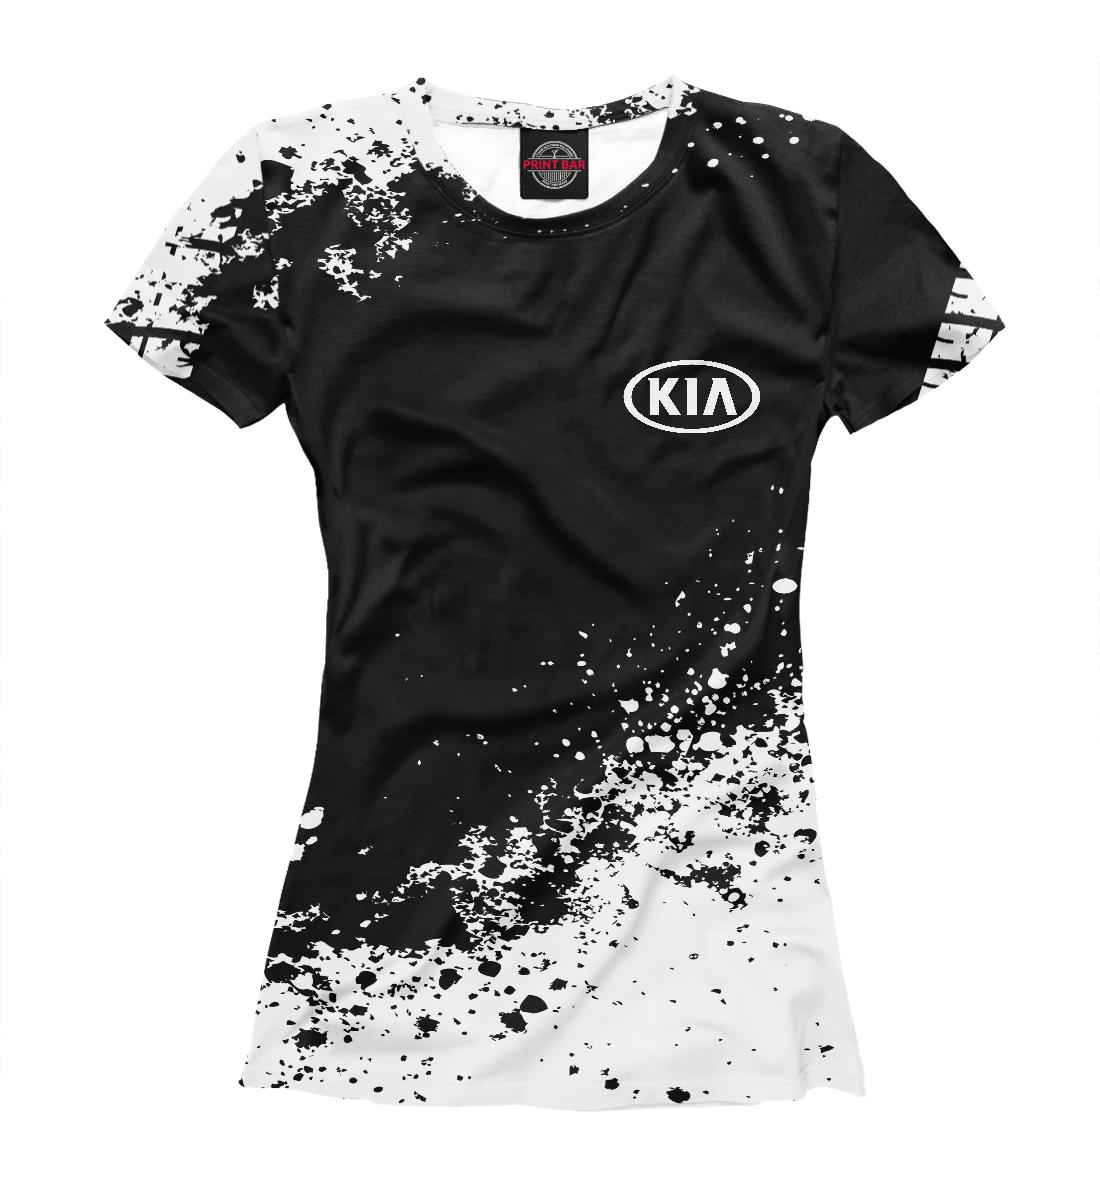 Купить Kia abstract sport uniform, Printbar, Футболки, AMP-137239-fut-1